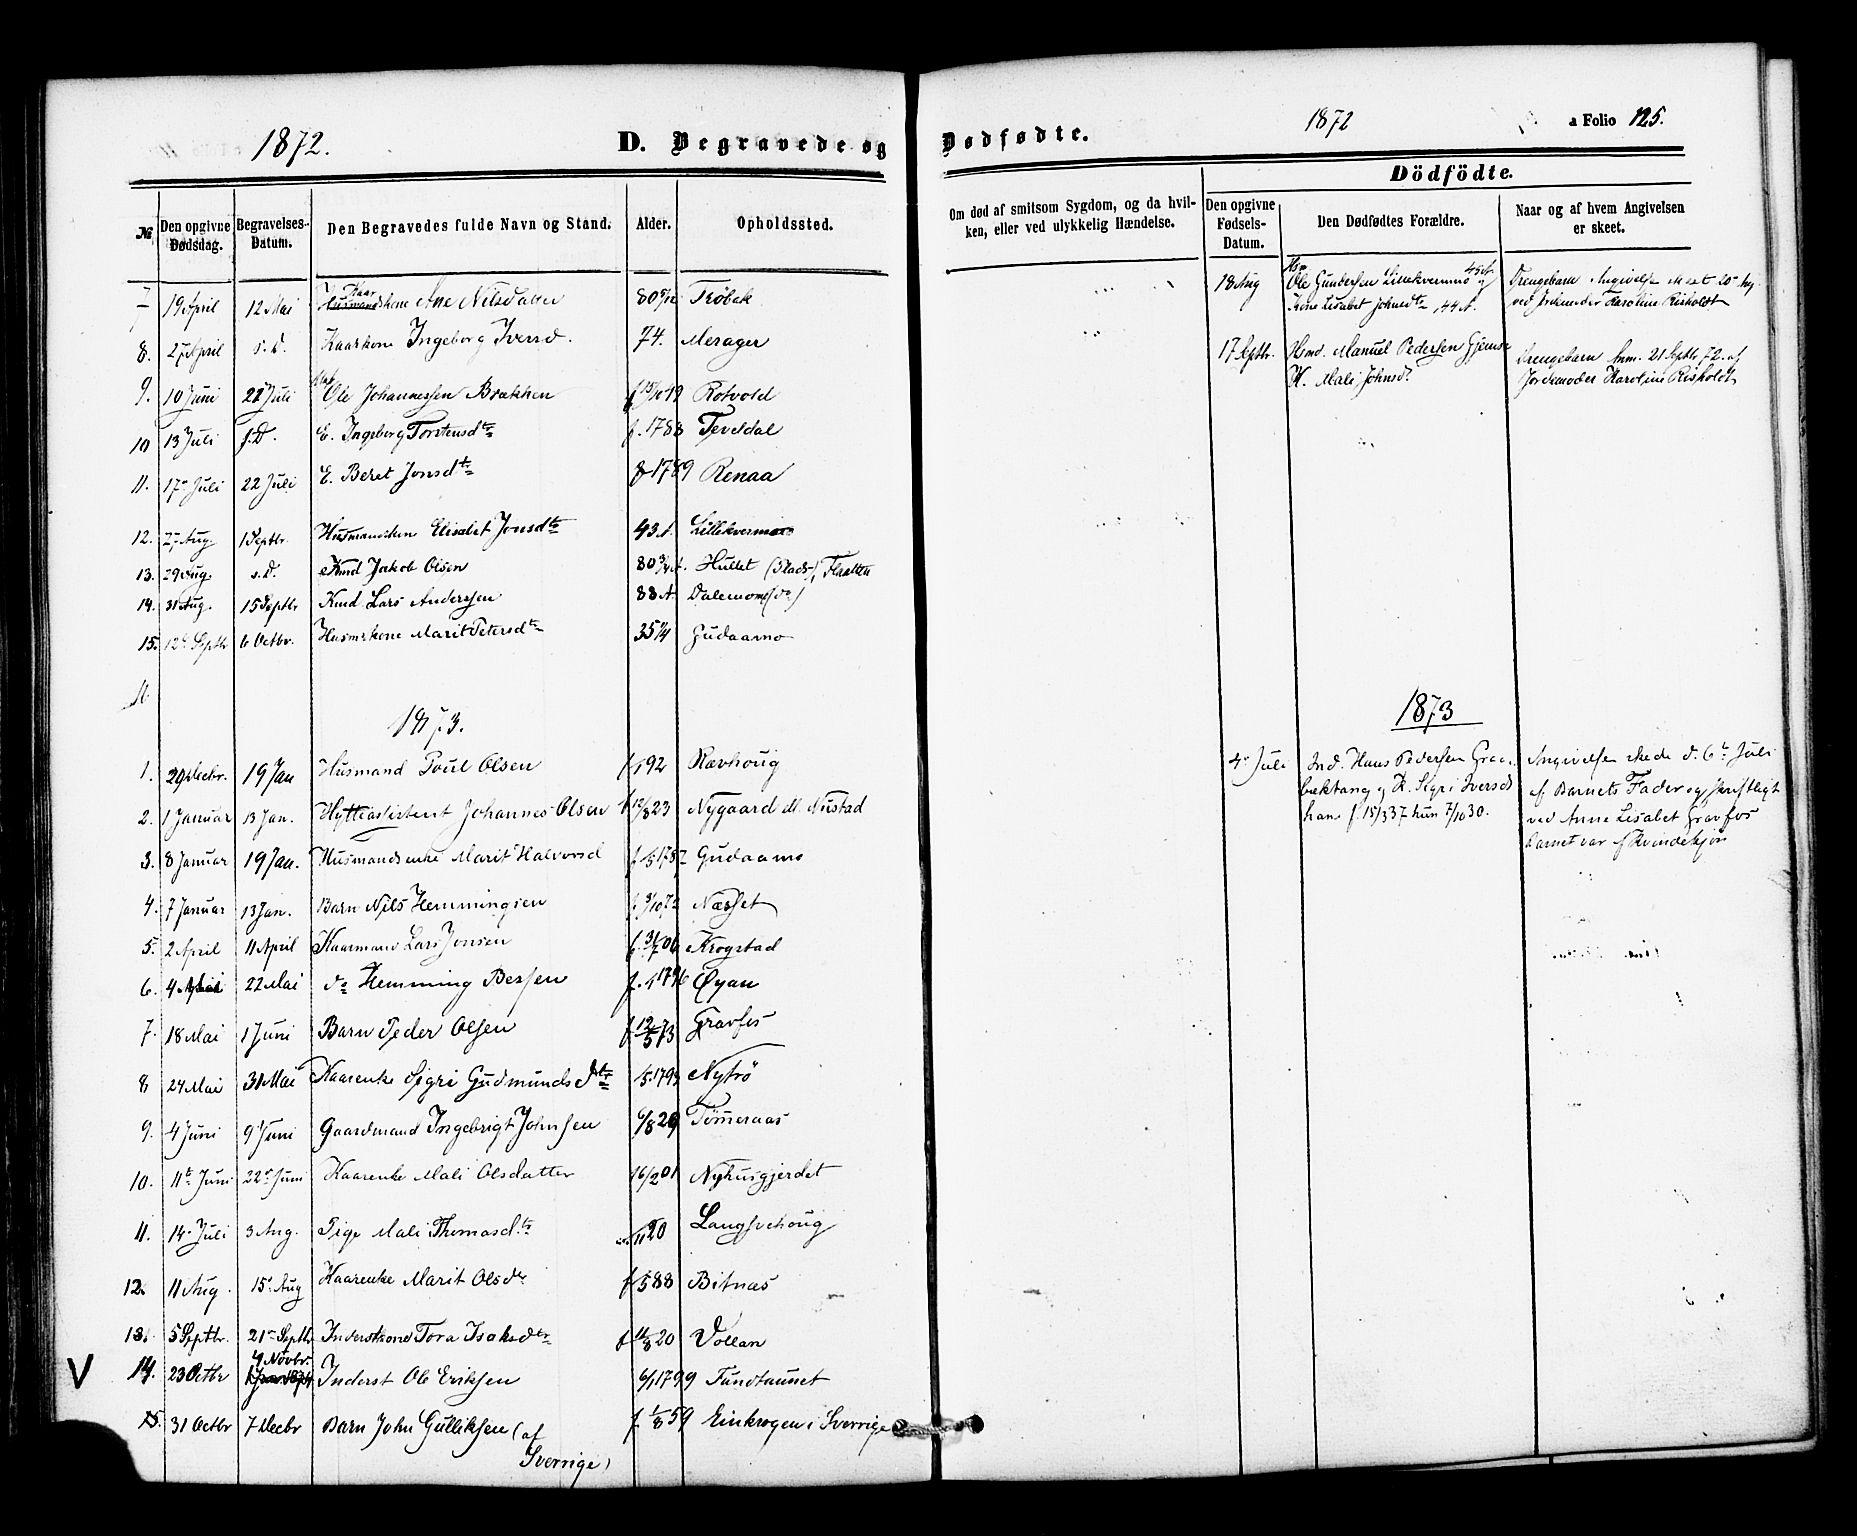 SAT, Ministerialprotokoller, klokkerbøker og fødselsregistre - Nord-Trøndelag, 706/L0041: Ministerialbok nr. 706A02, 1862-1877, s. 125